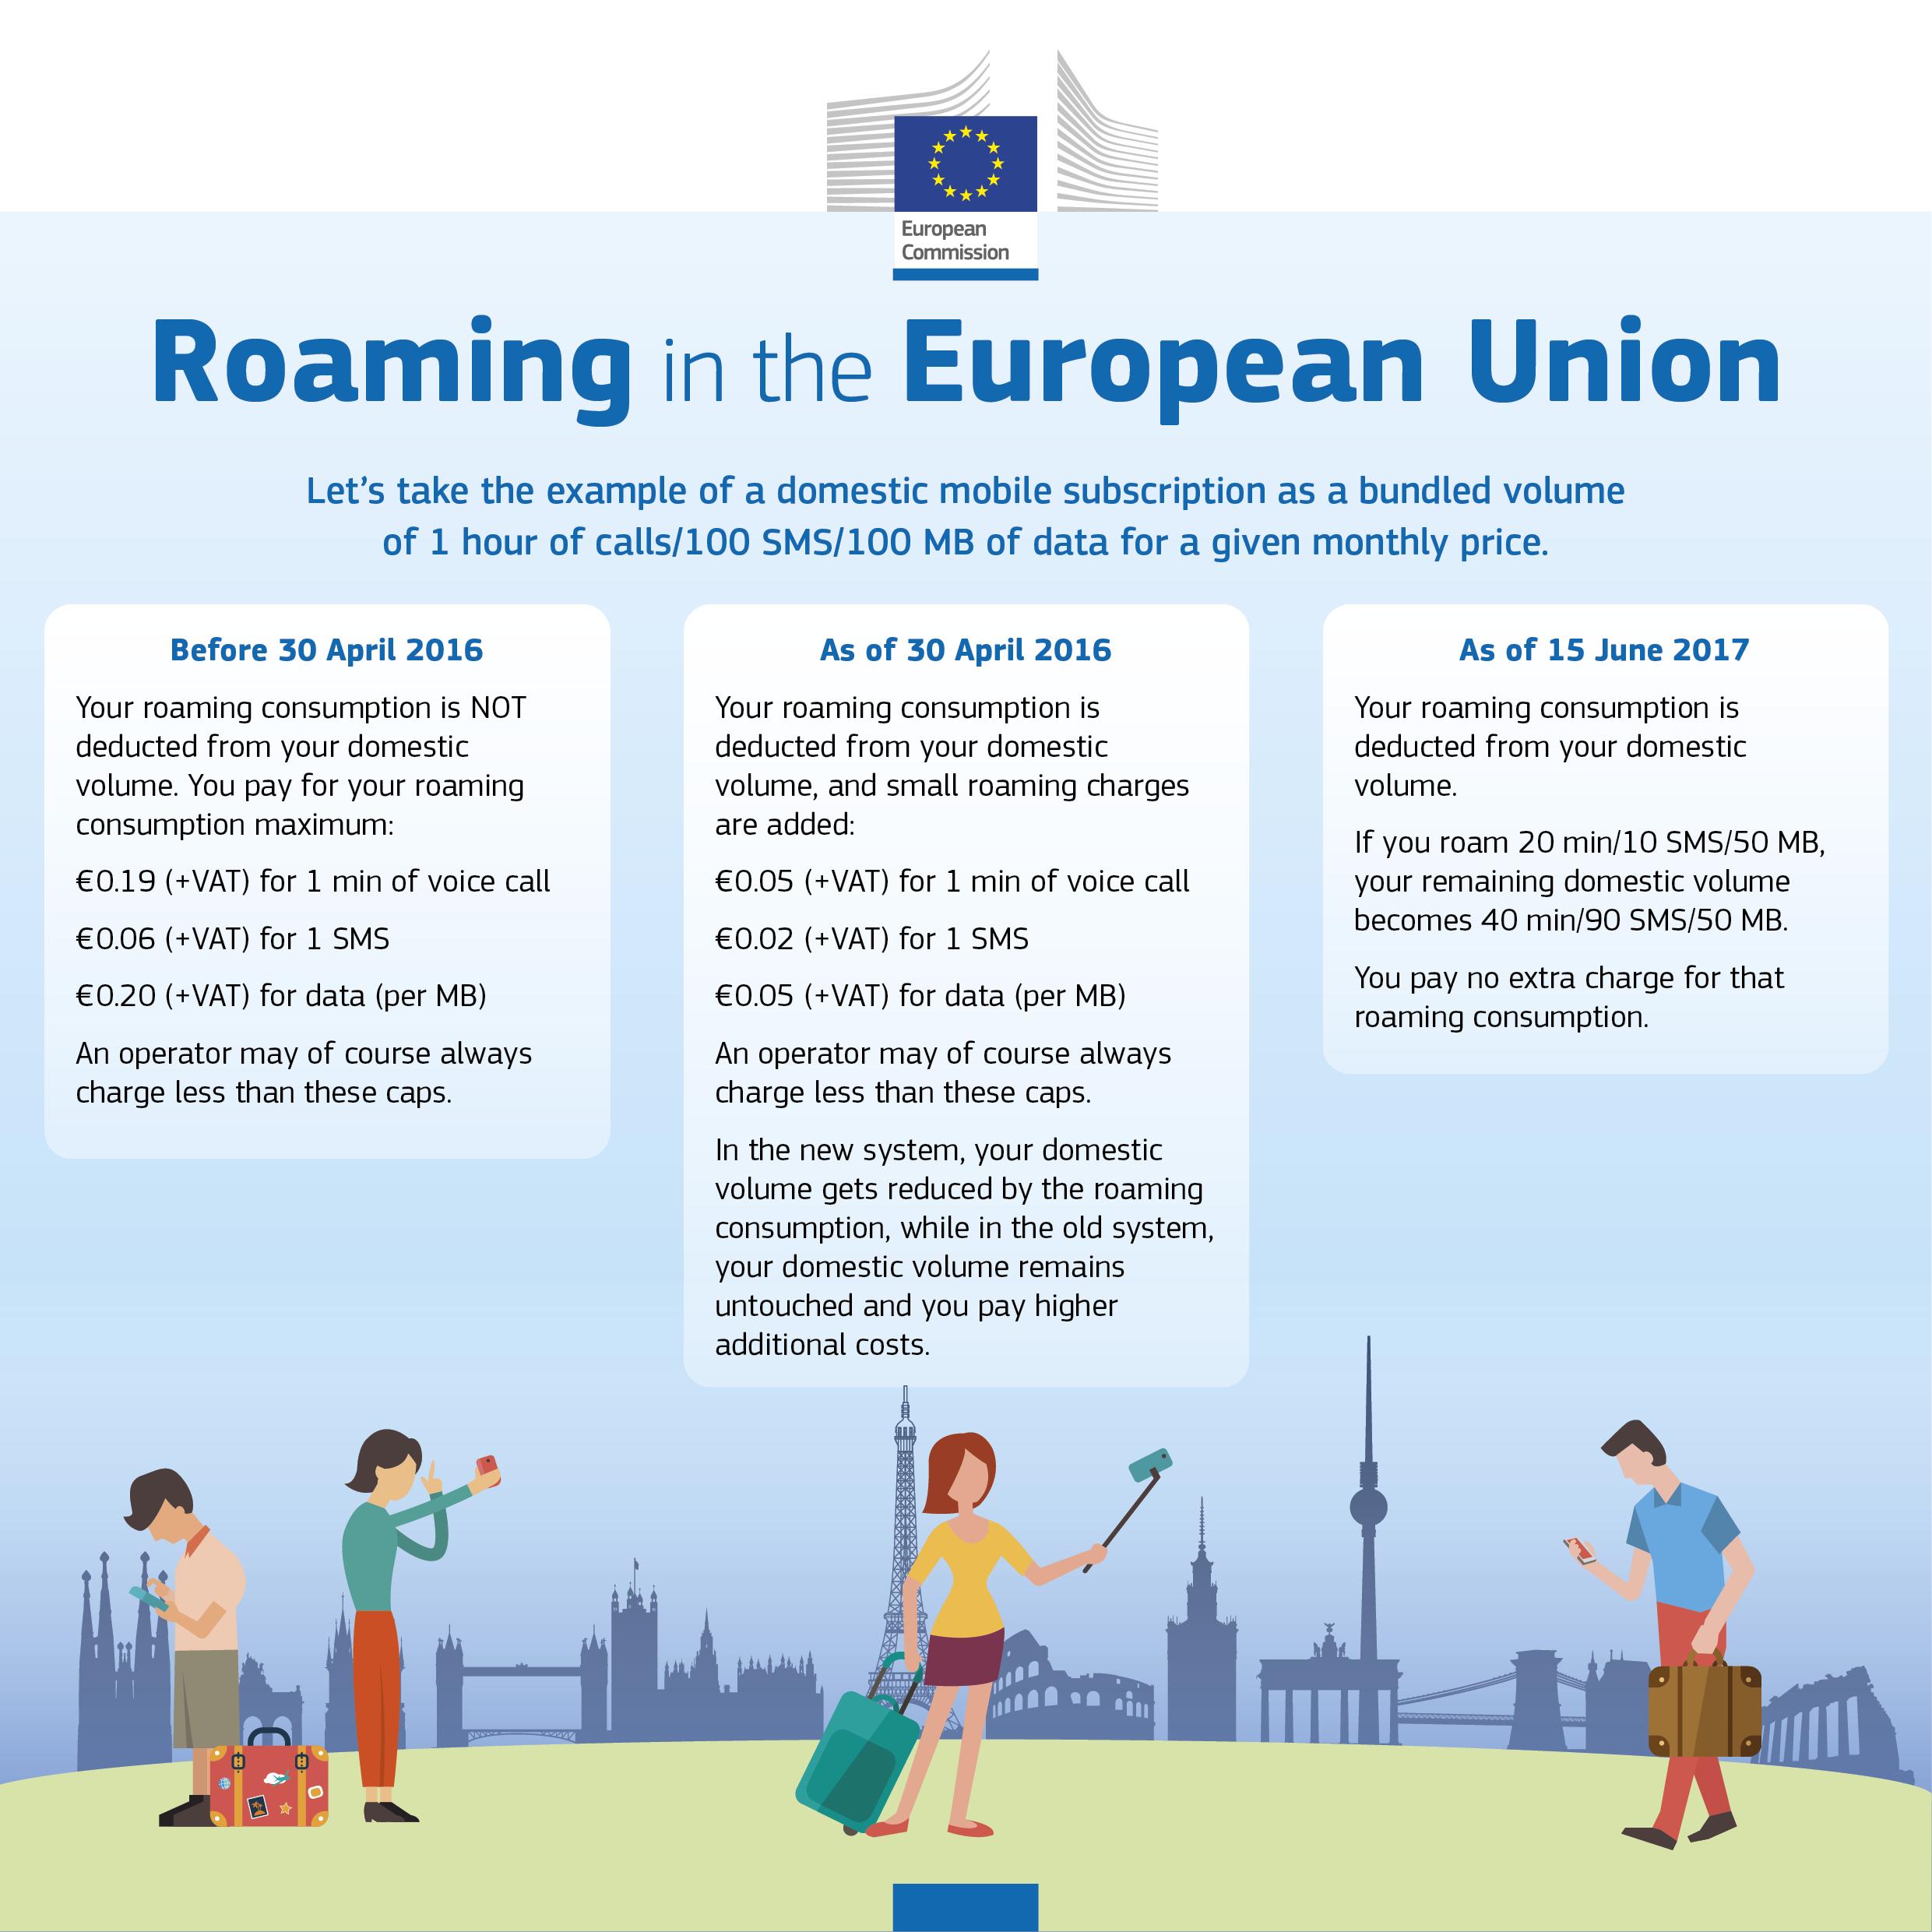 roaming_2016_timeline_final_v4